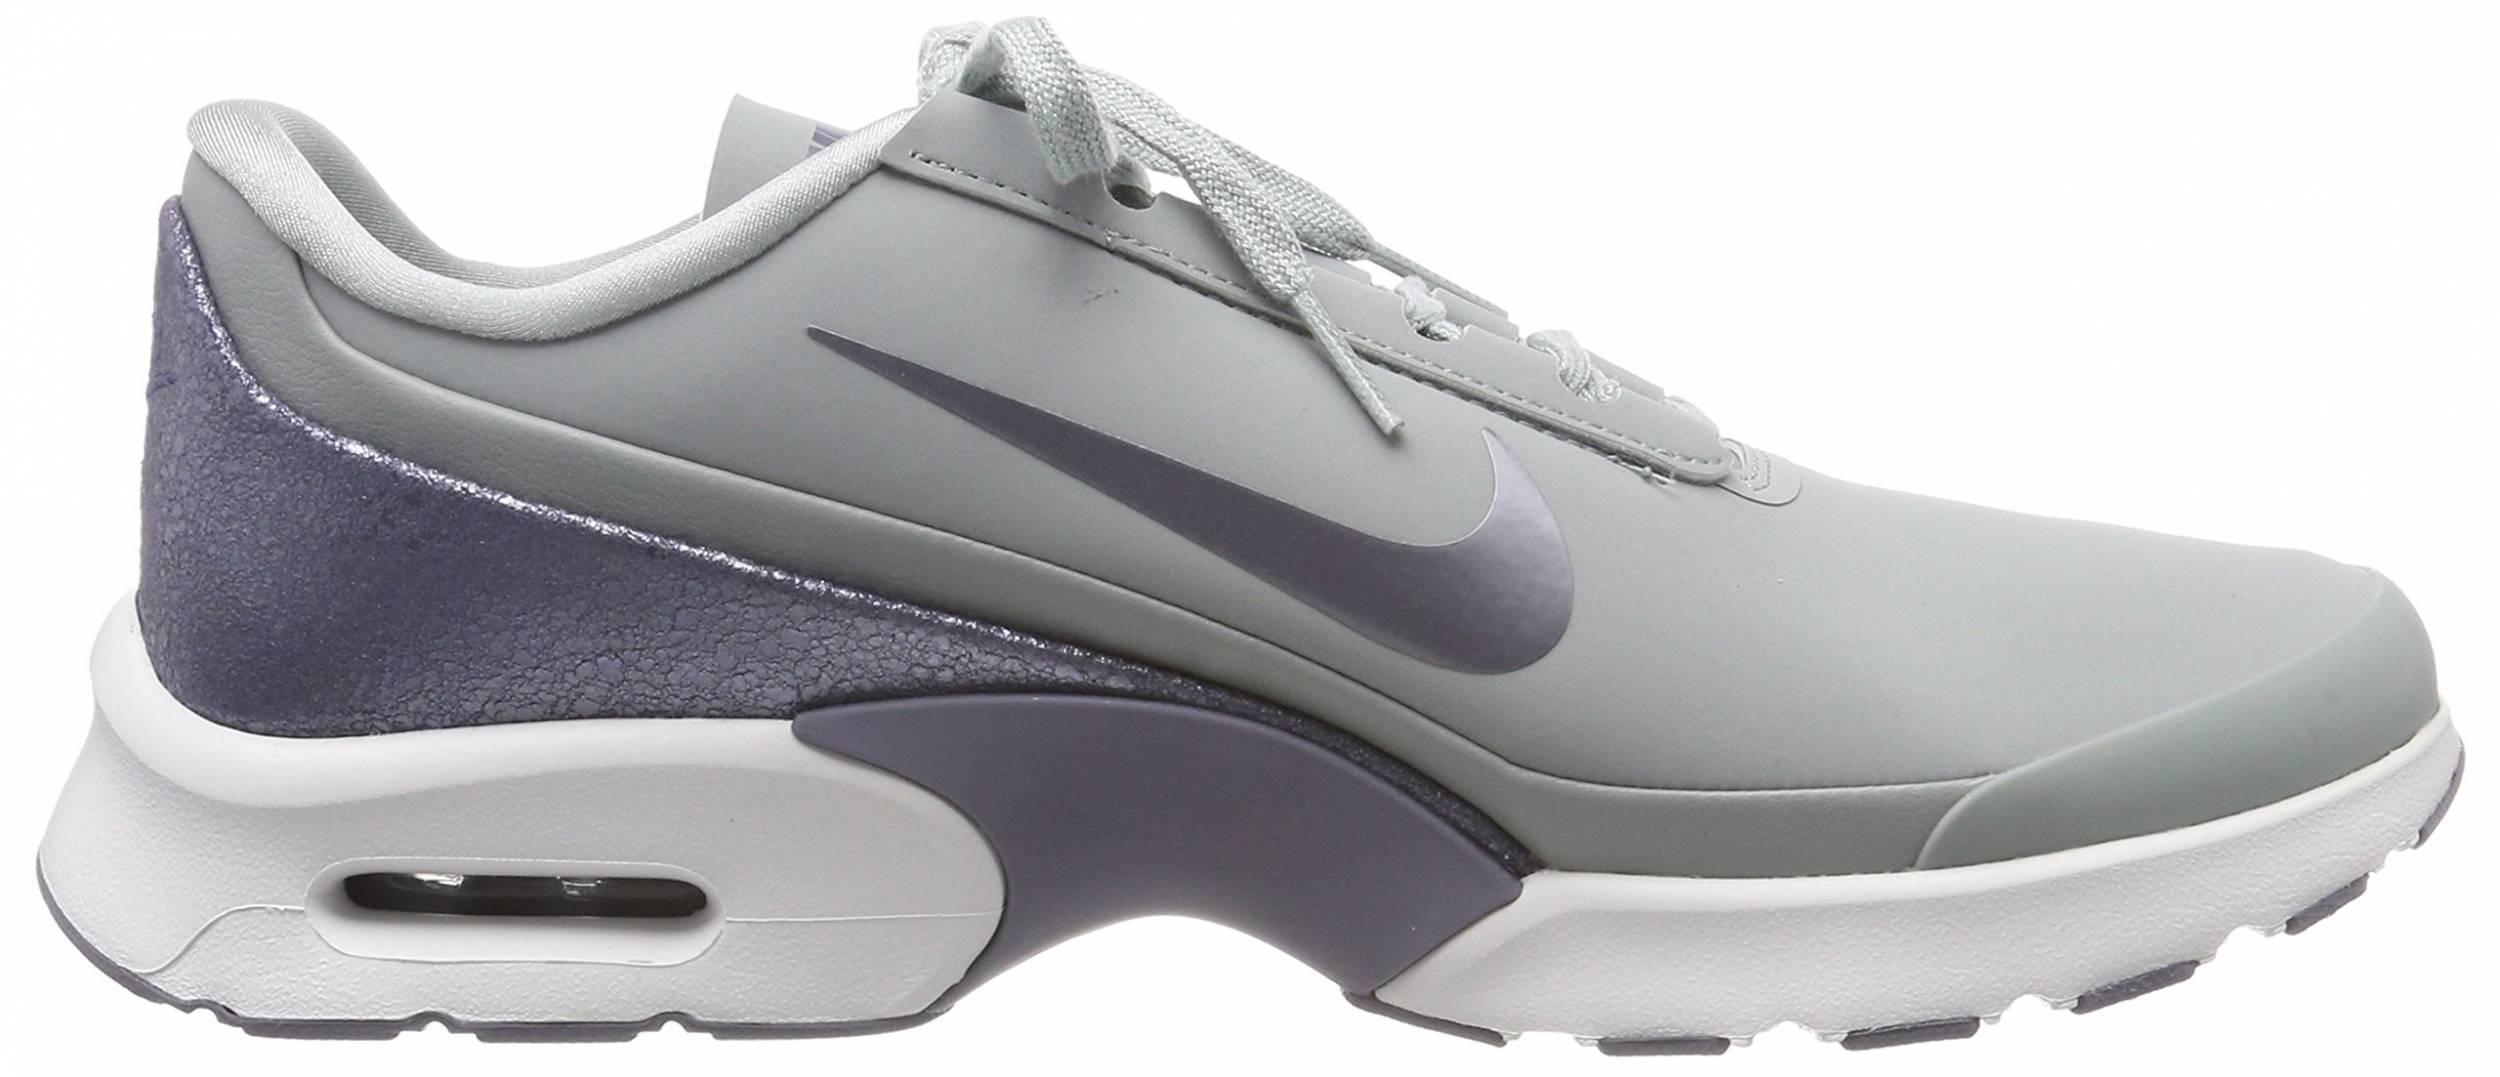 Nike Air Max Jewell sneakers in grey | RunRepeat